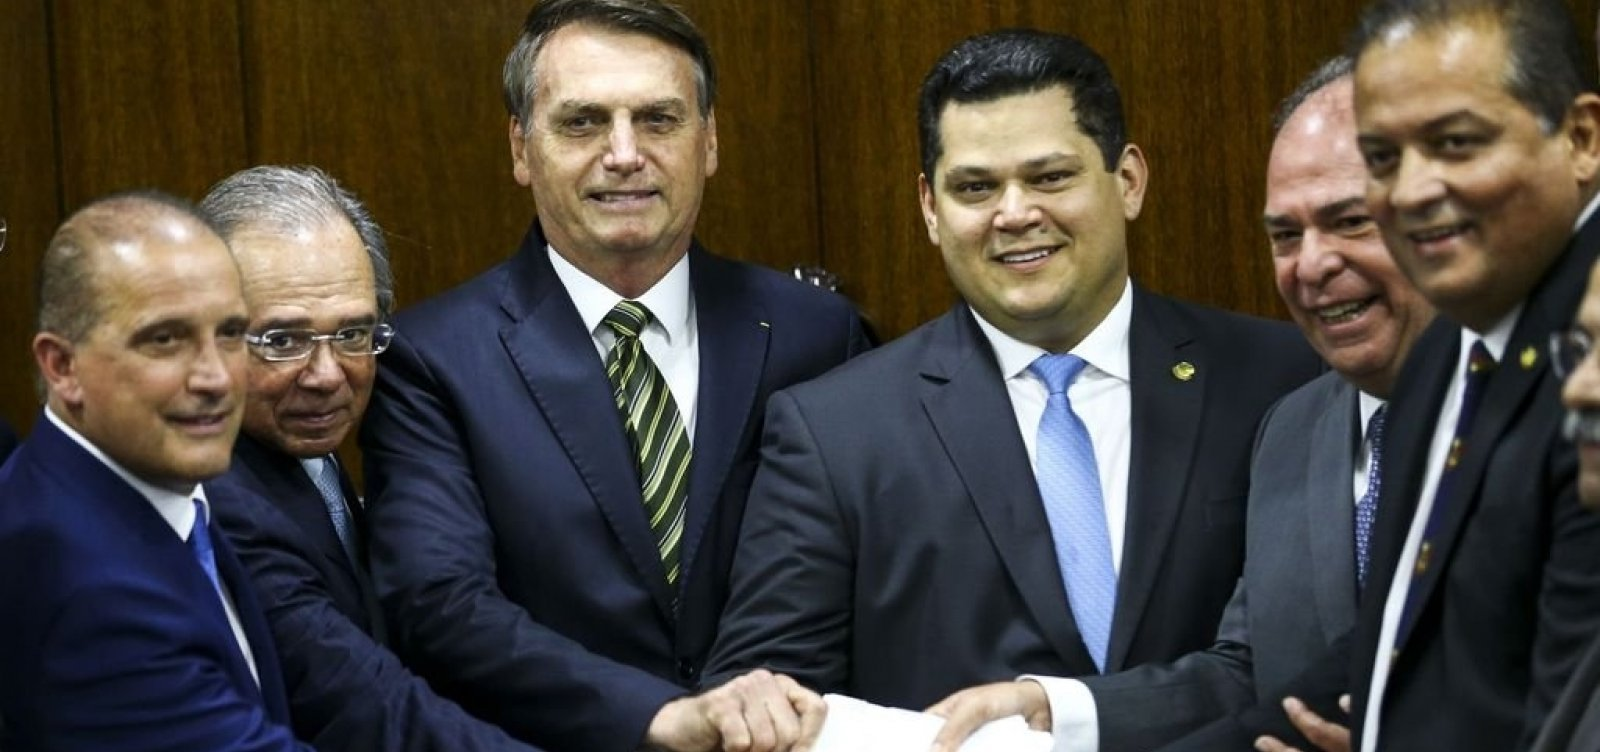 [Bolsonaro e Guedes entregam pacote ao Congresso: 'Transformação do Estado']